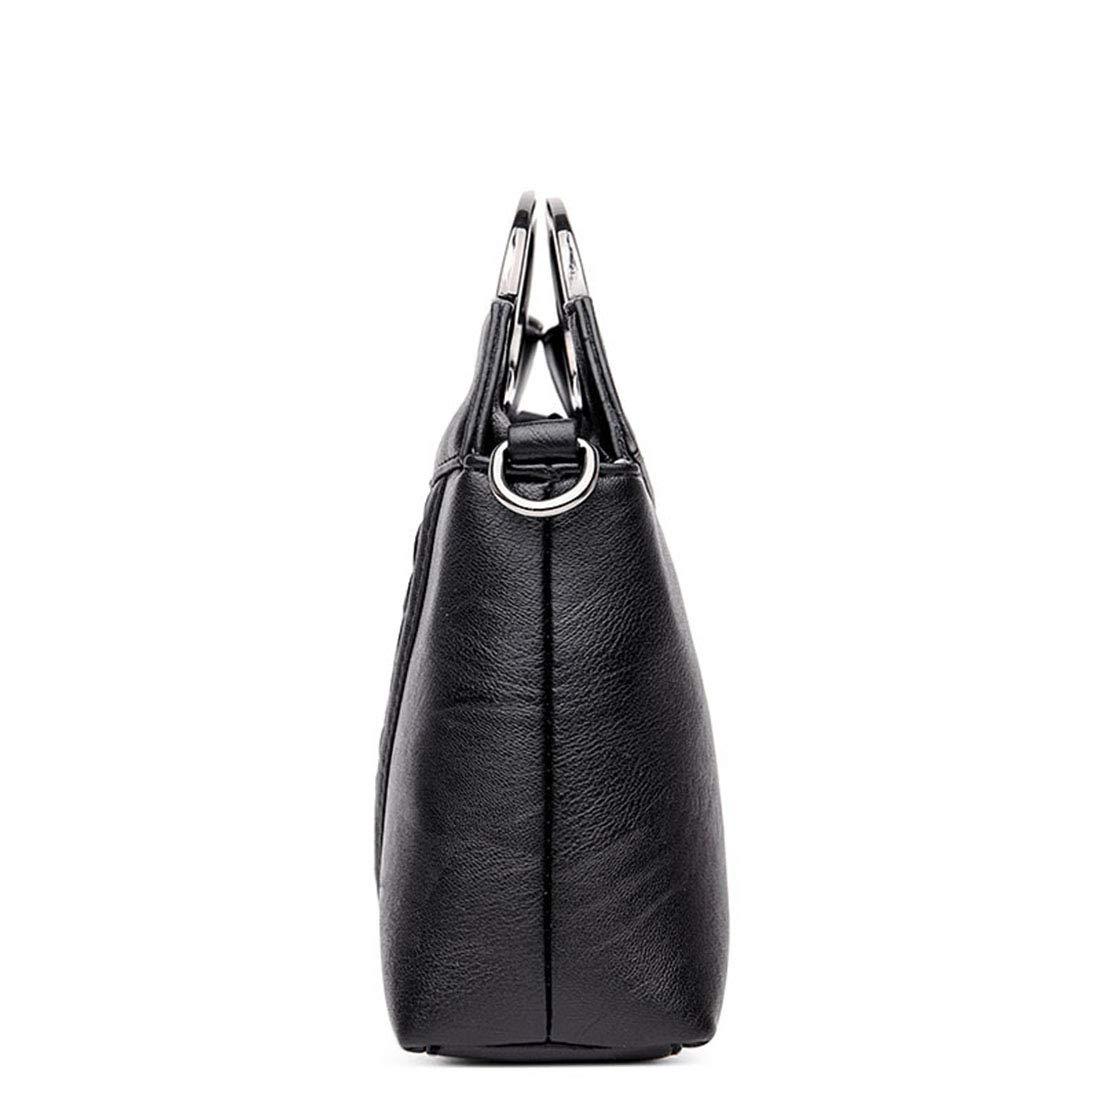 Karidesh Unisex Top Griff Griff Griff Satchel Handtasche und Handtasche Tasche Daily Work Schulter Tasche (Farbe   schwarz) B07P2VMK8N Herrentaschen 6370dc